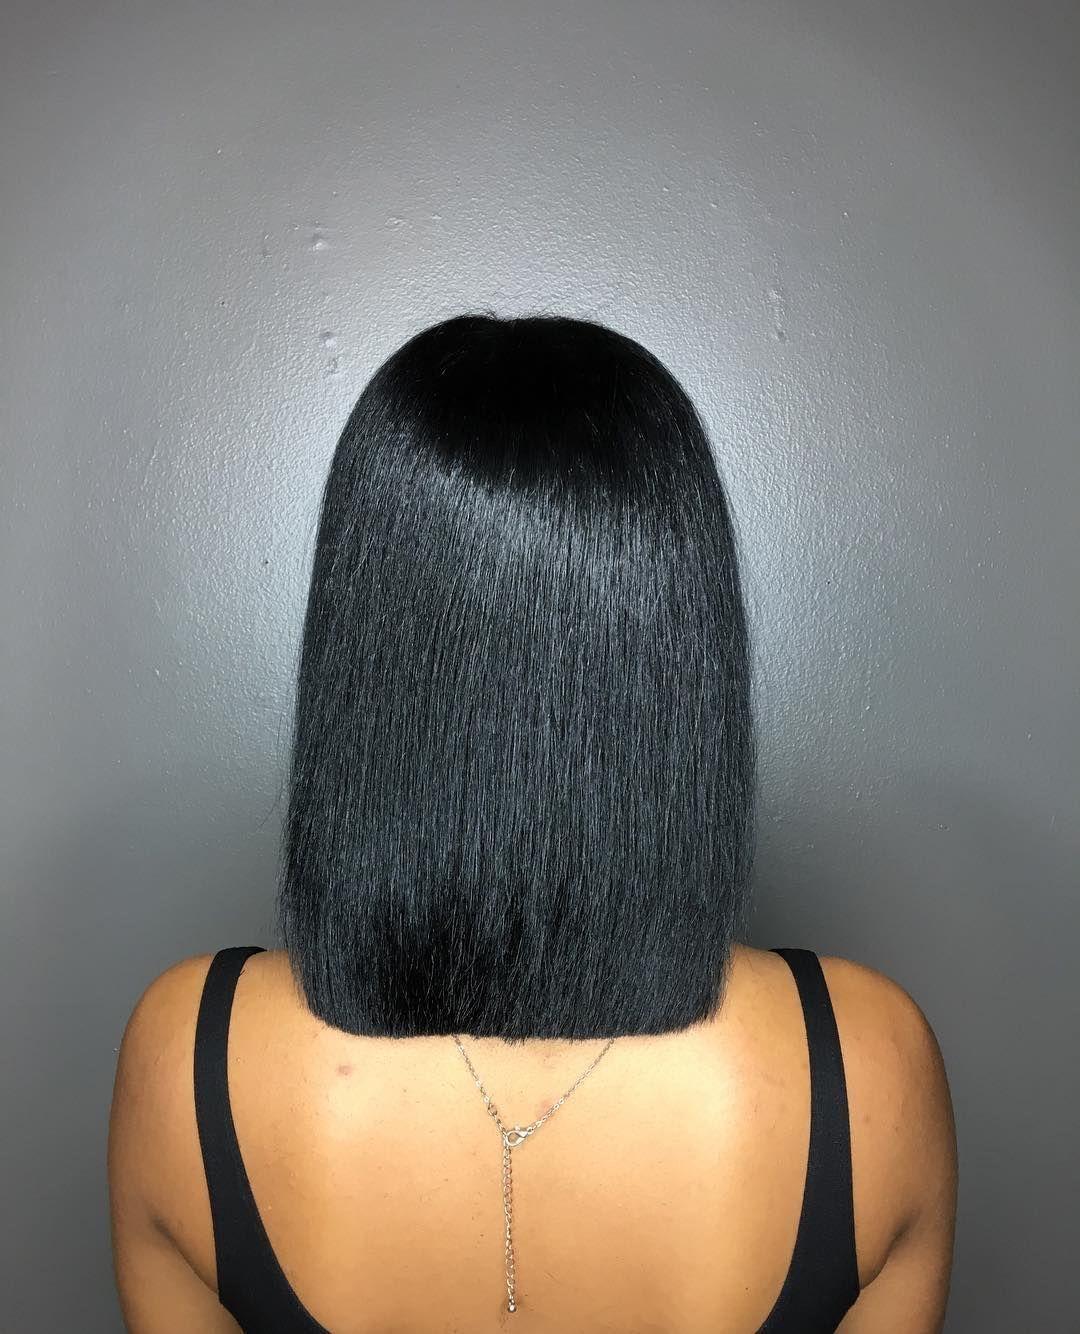 Bob cut African American hair #africanamericanhair